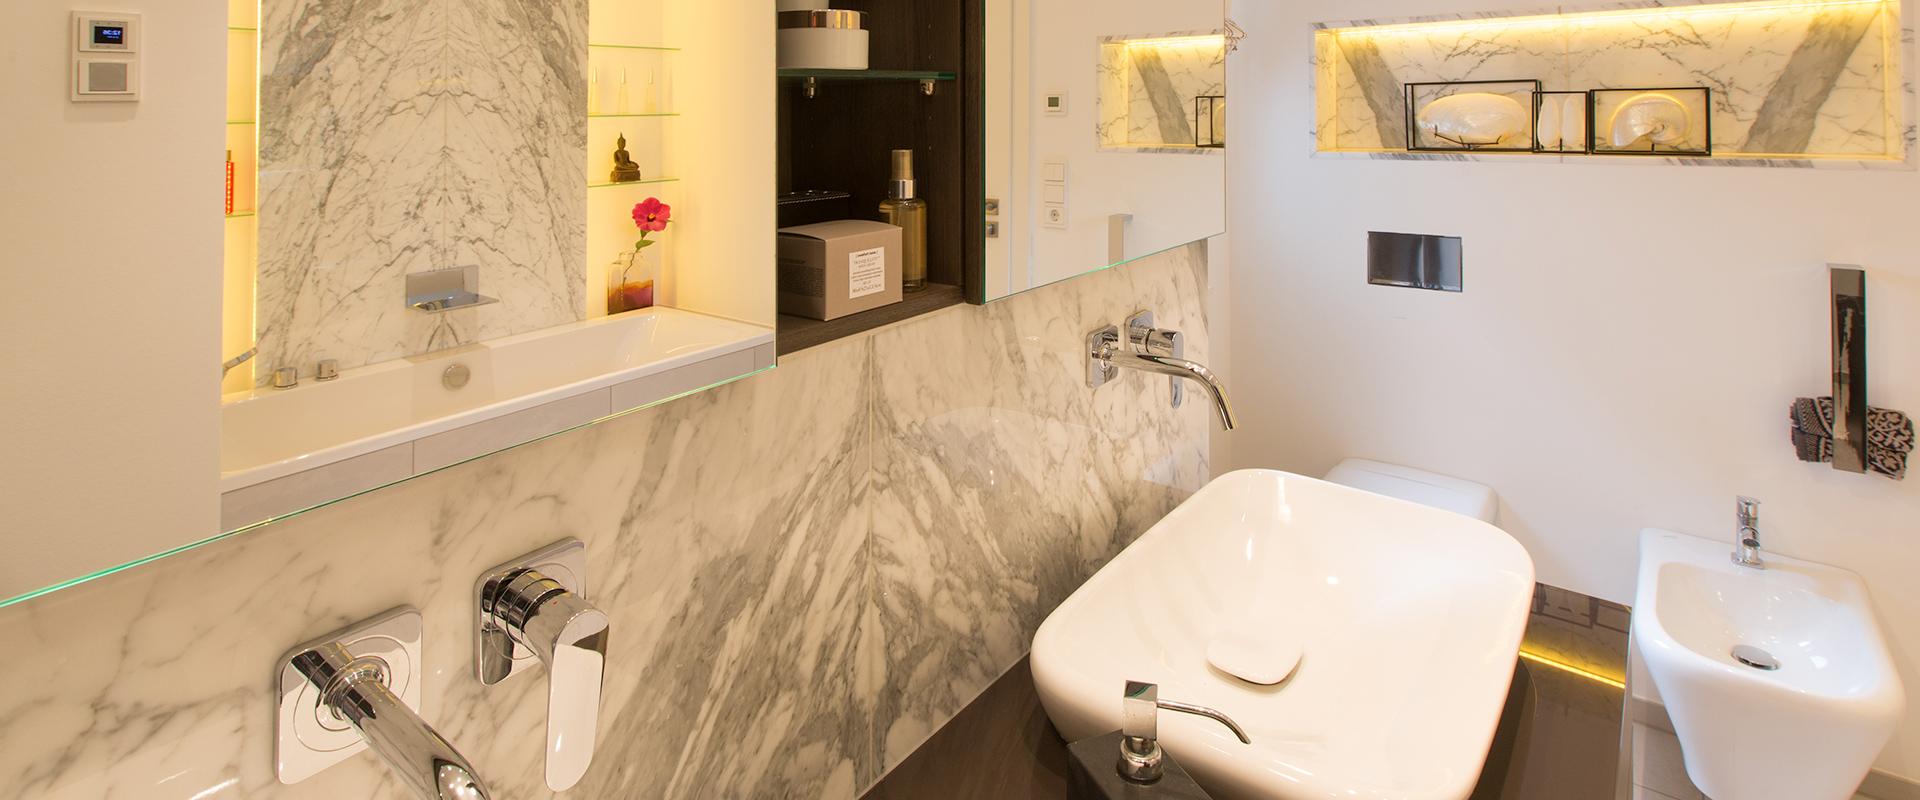 Homestory: Das von Hans G. Bock neu entworfene Bad strahlt in individuellem Design dank gespiegelter Marmorelemente.